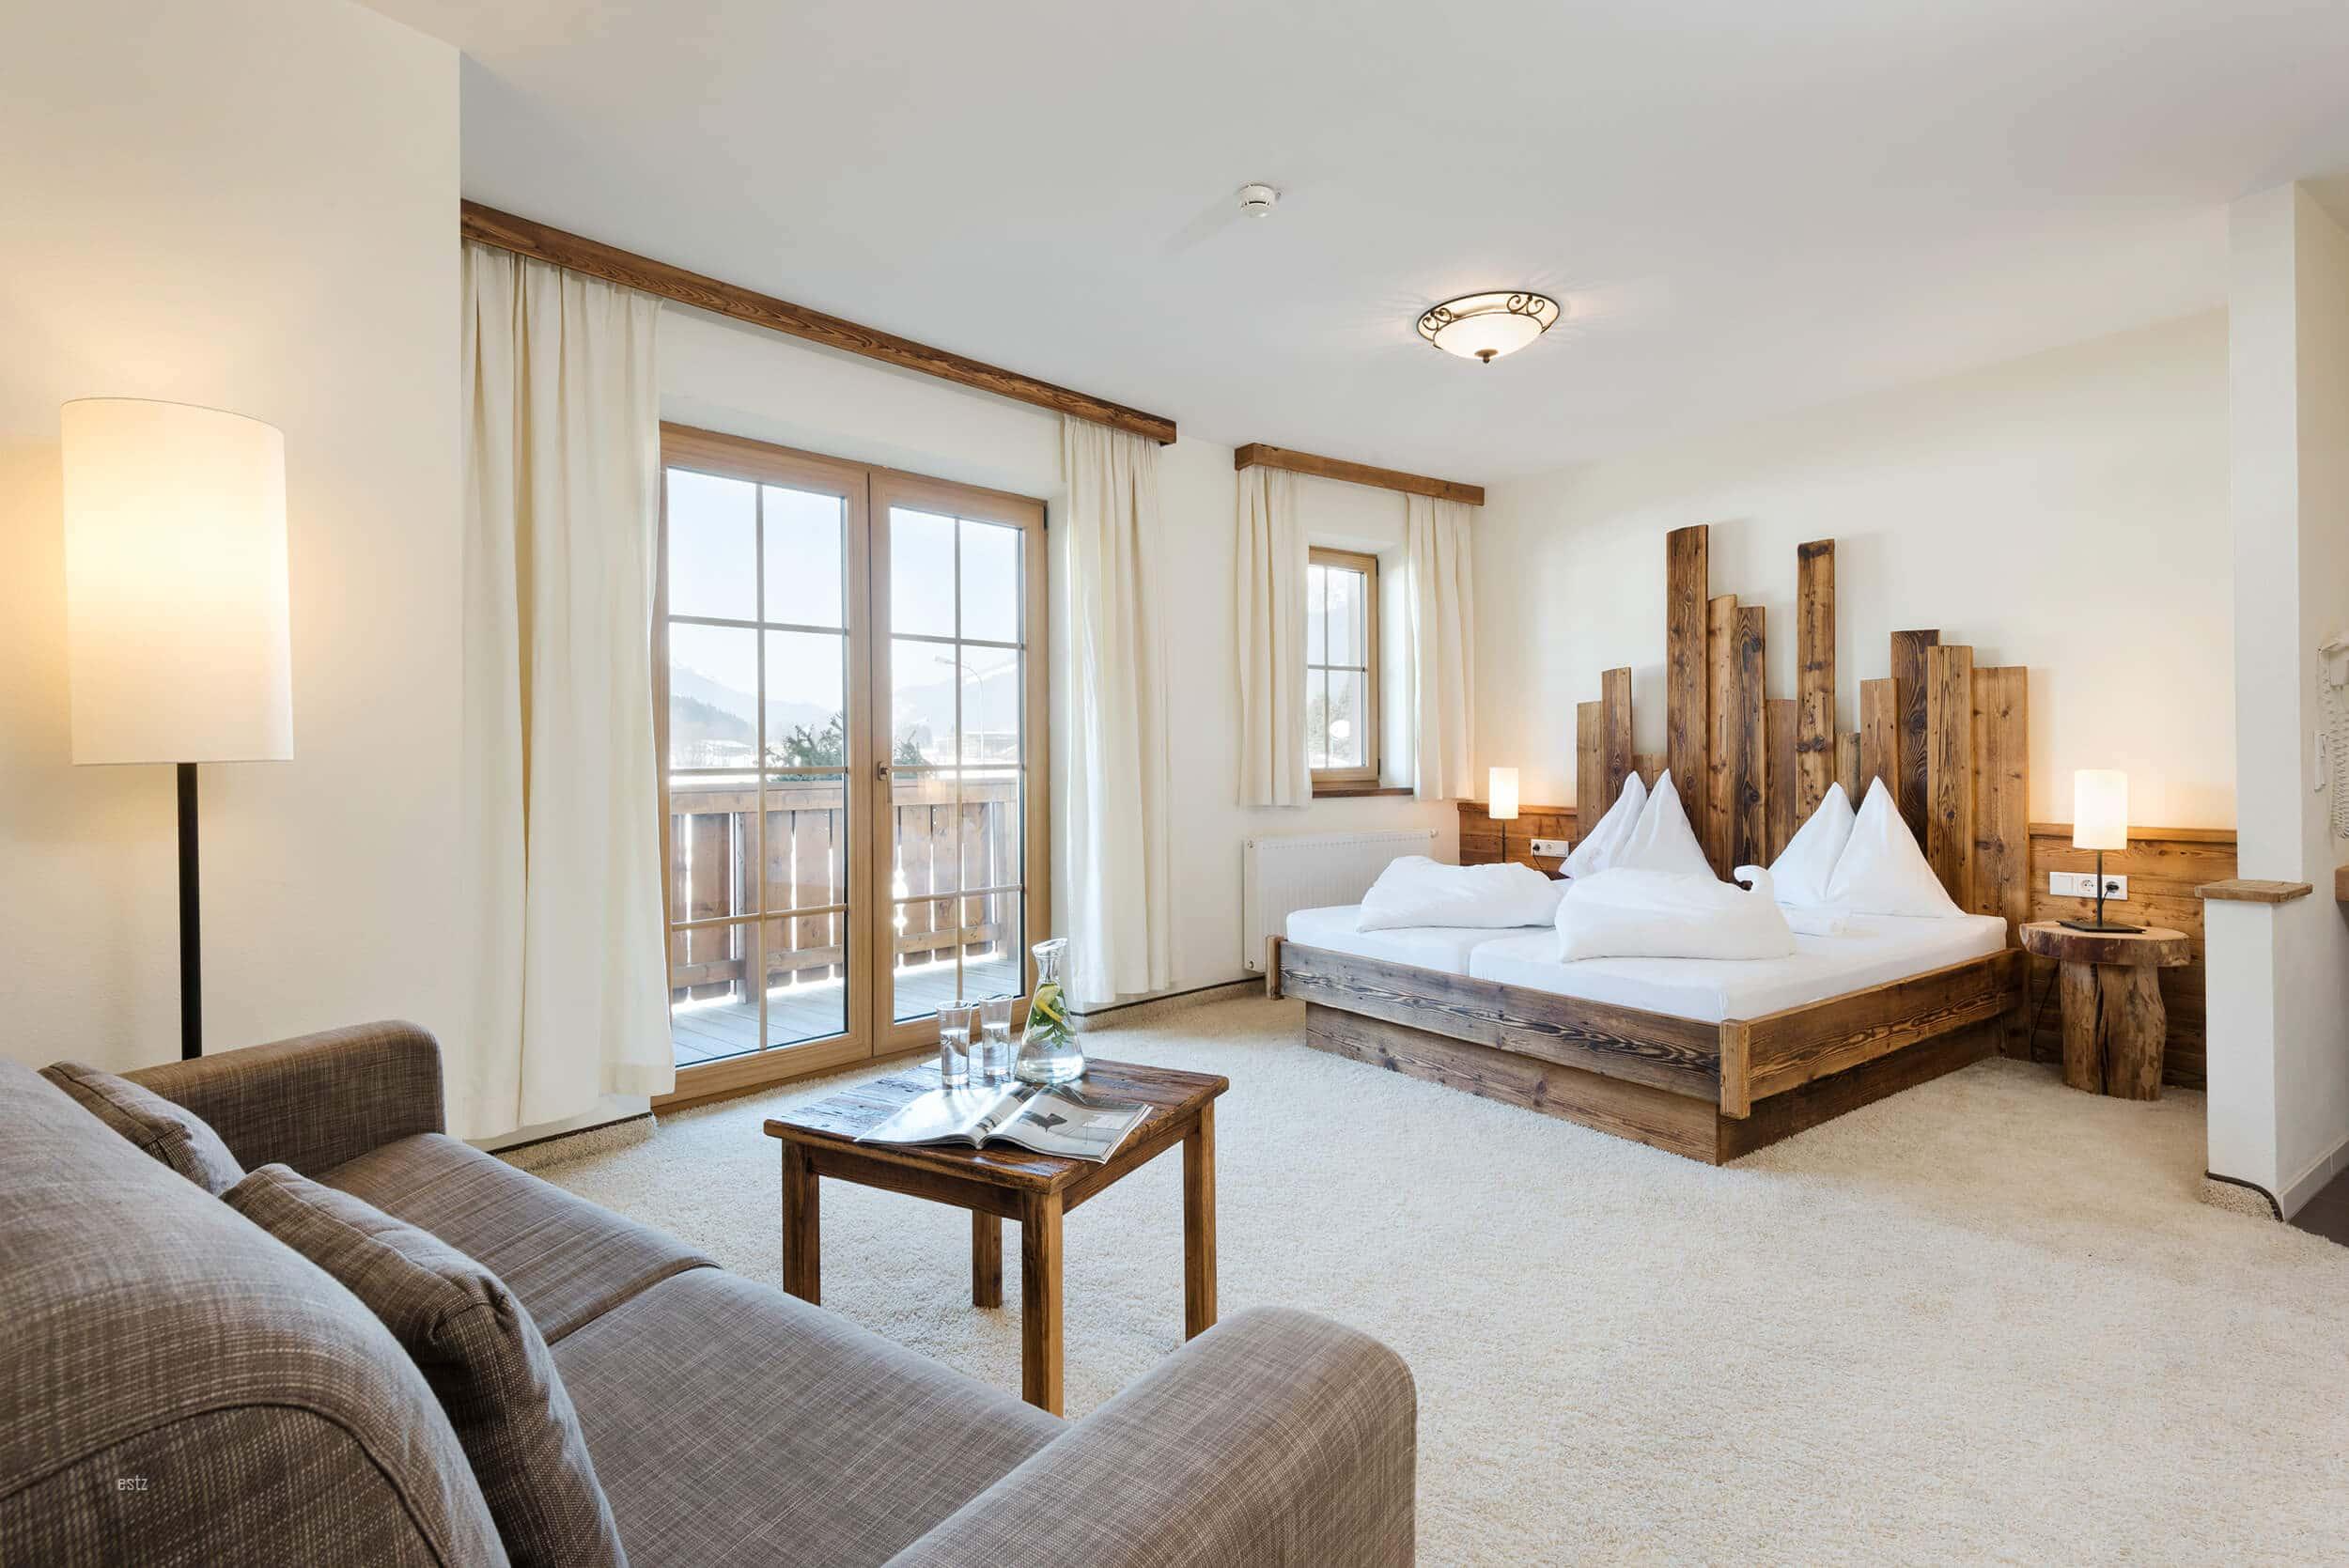 Schlafzimmer im Saliter Hof © www.guenterstandl.de